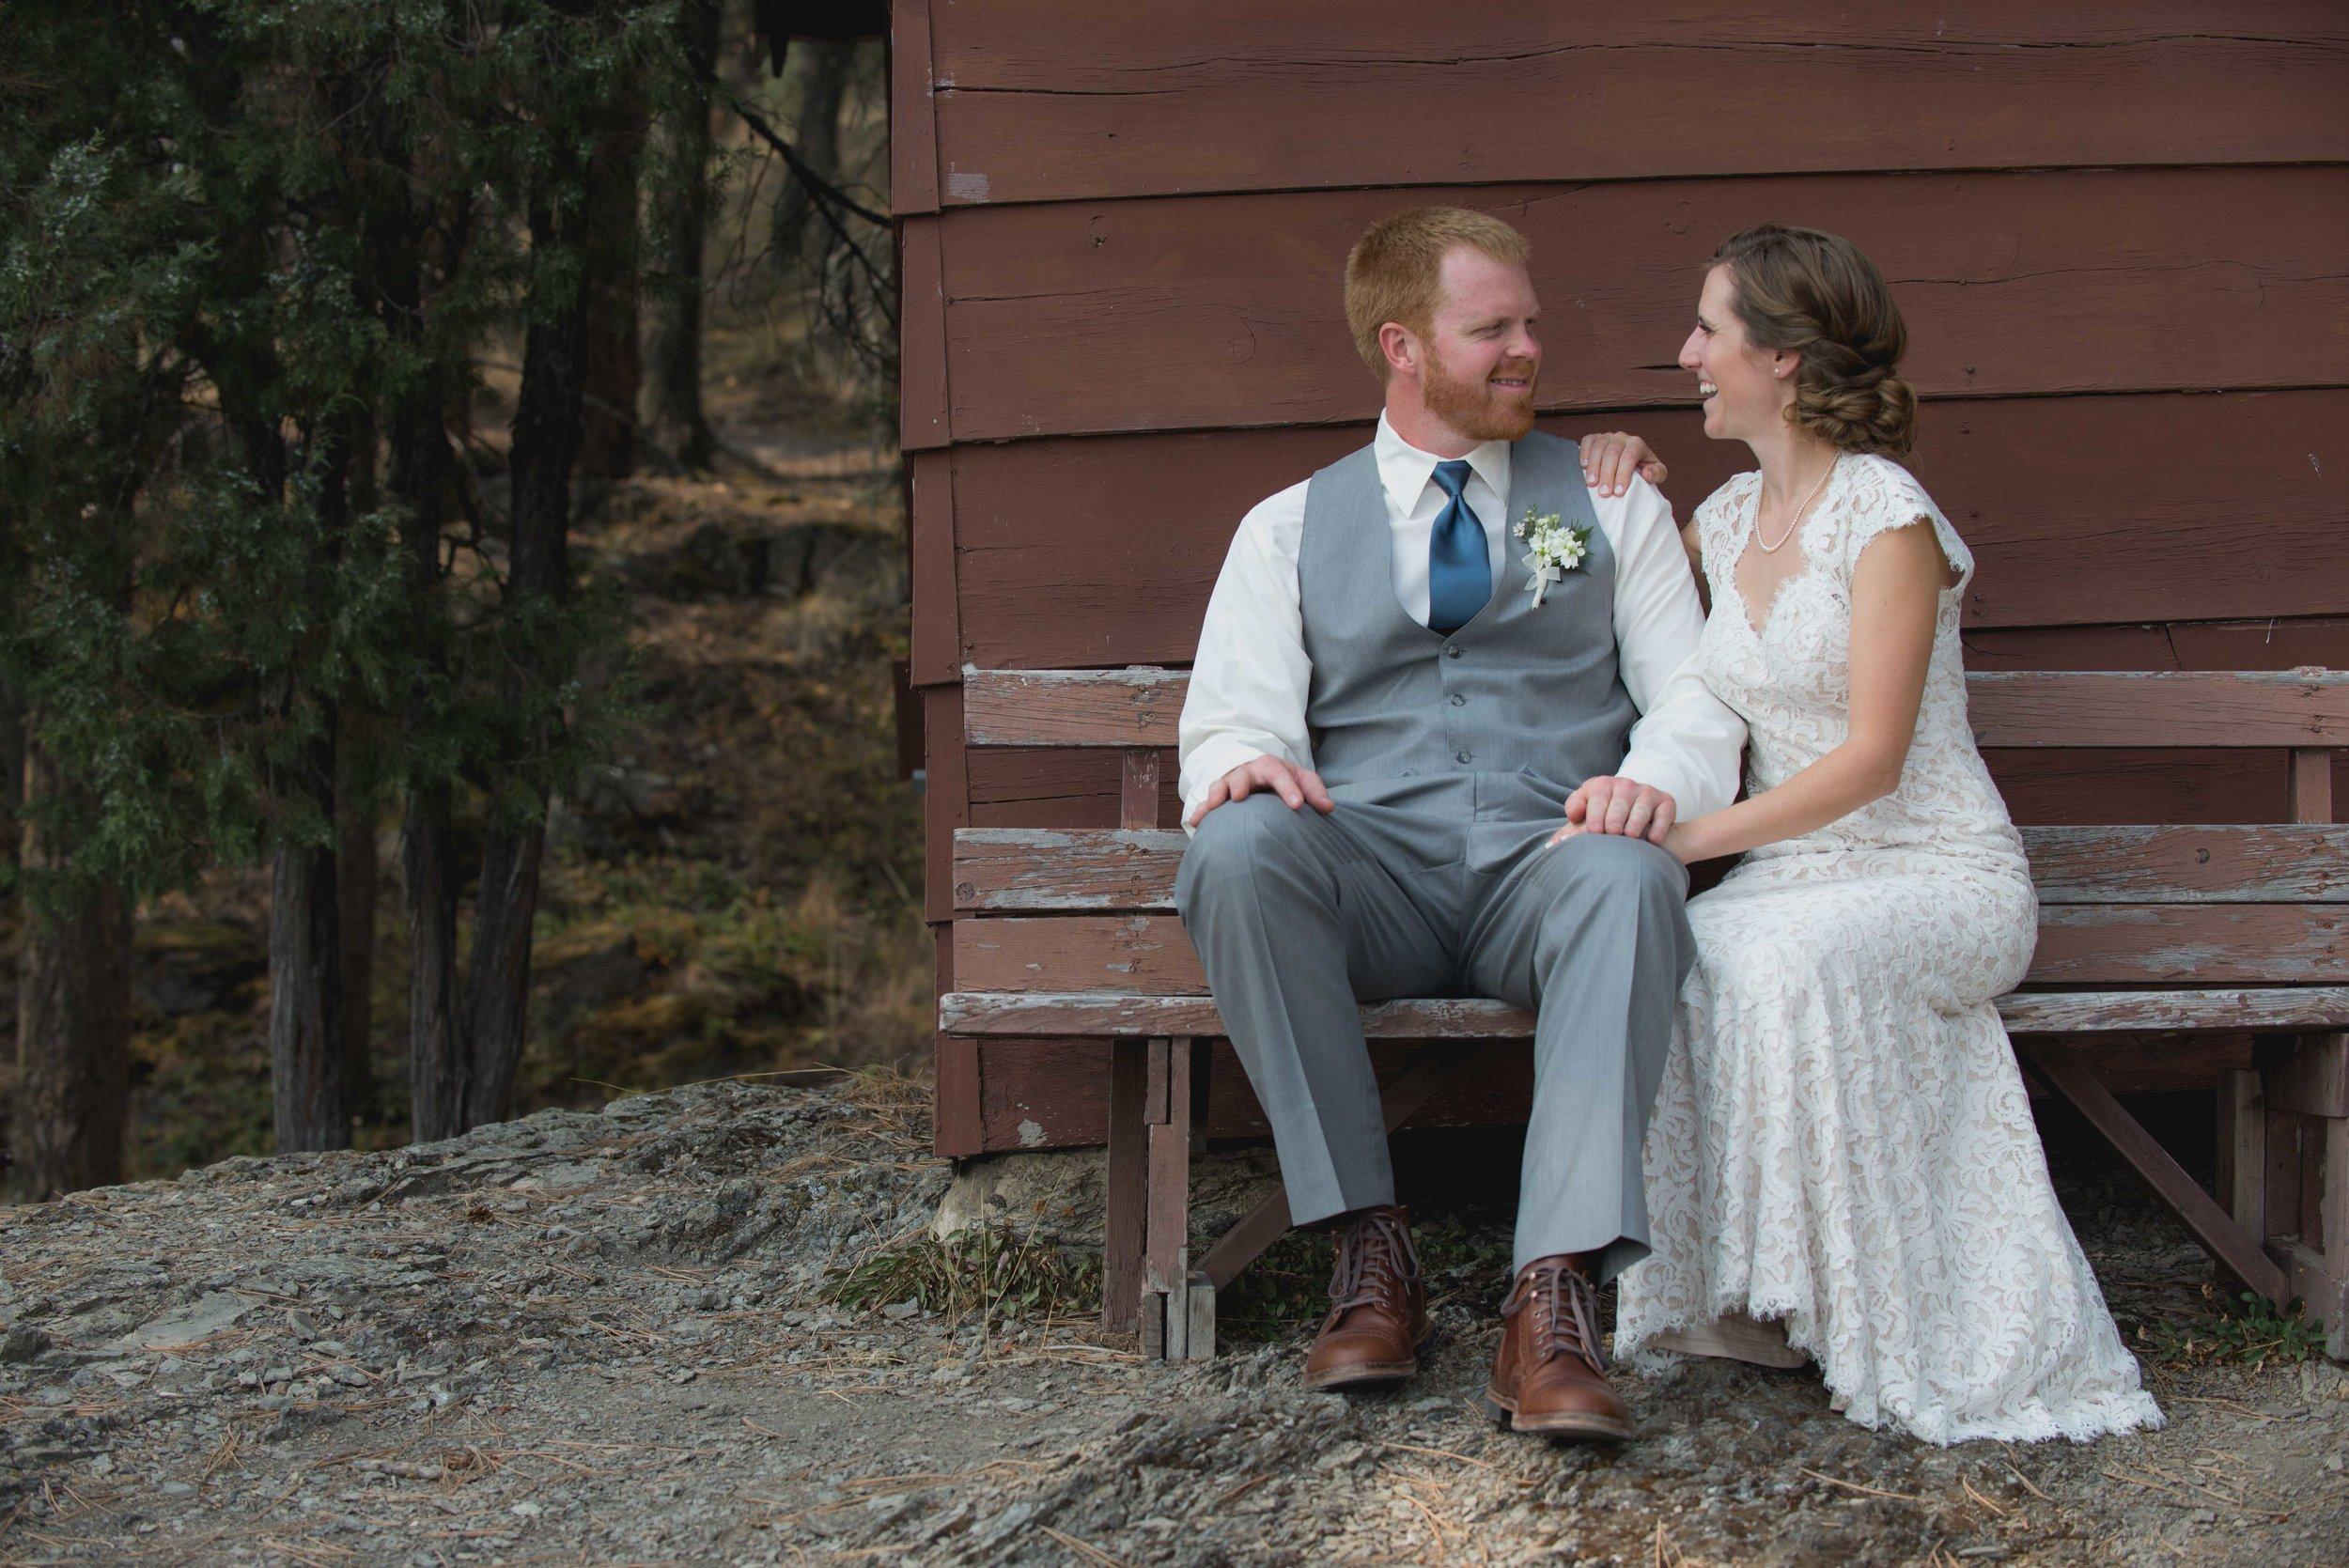 LukeandEmily_wedding (67 of 505).jpg